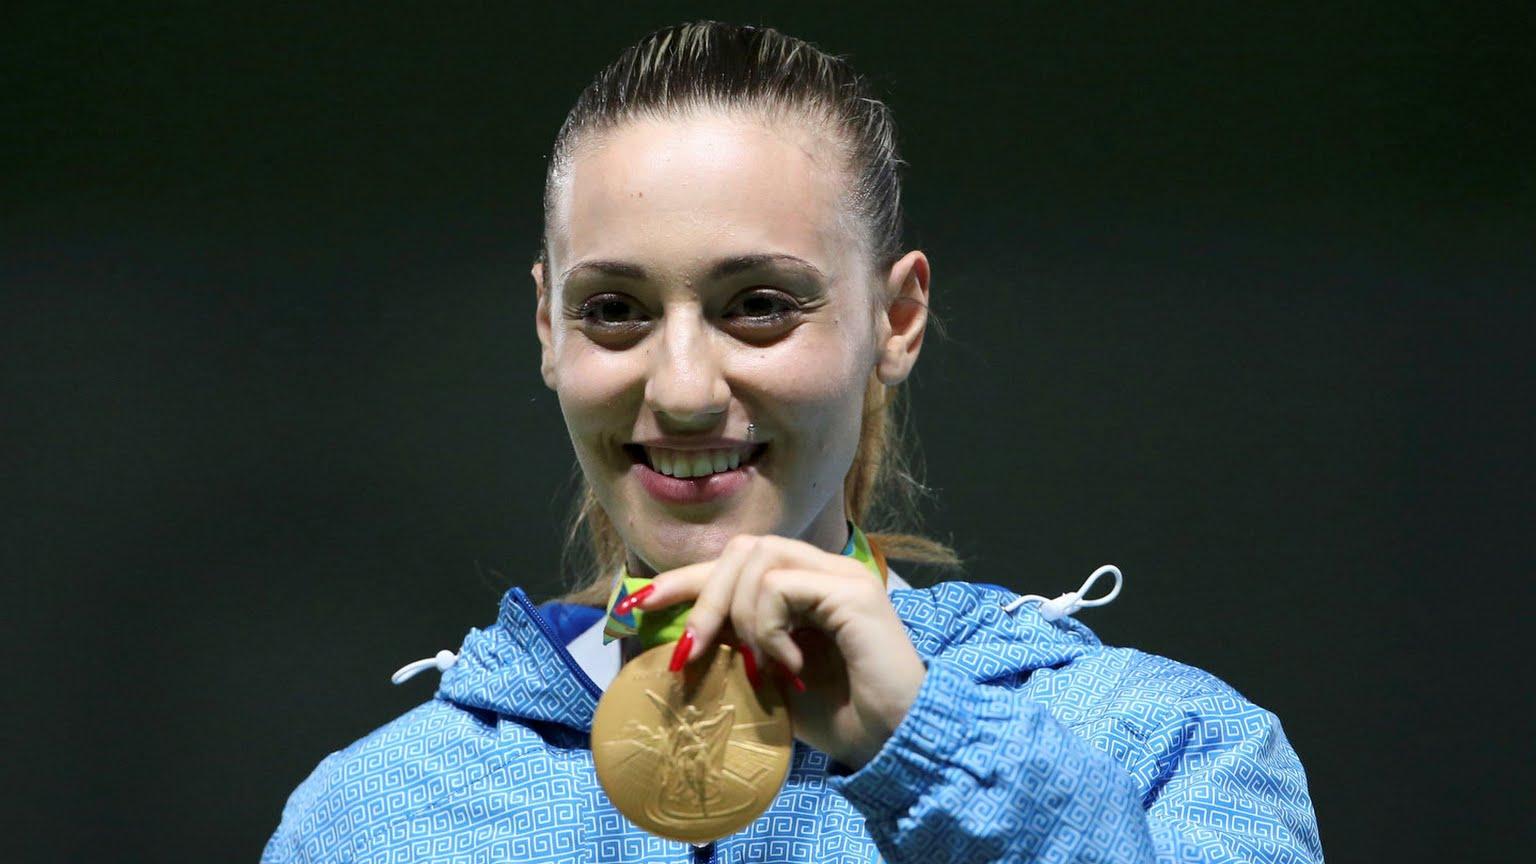 Νέο χρυσό μετάλλιο για την Άννα Κορακάκη στο Μόναχο (εικόνα)